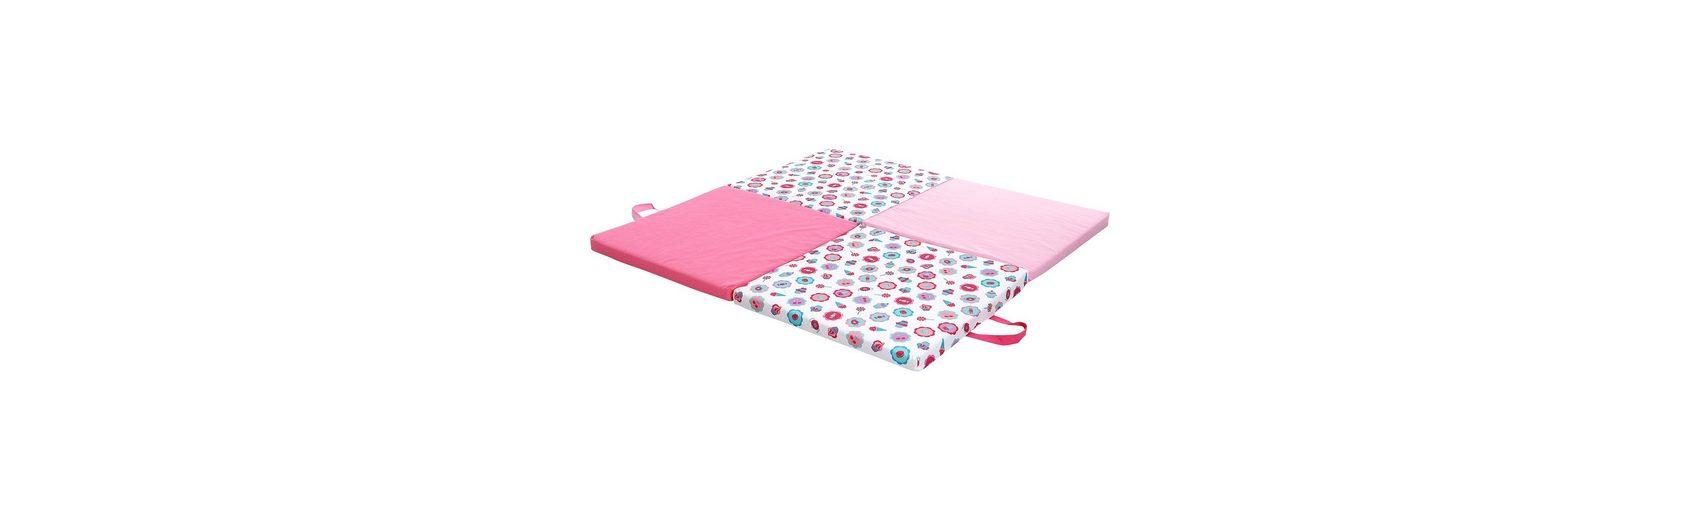 candide Spiel- und Reisematratze mit Tragetasche, pink